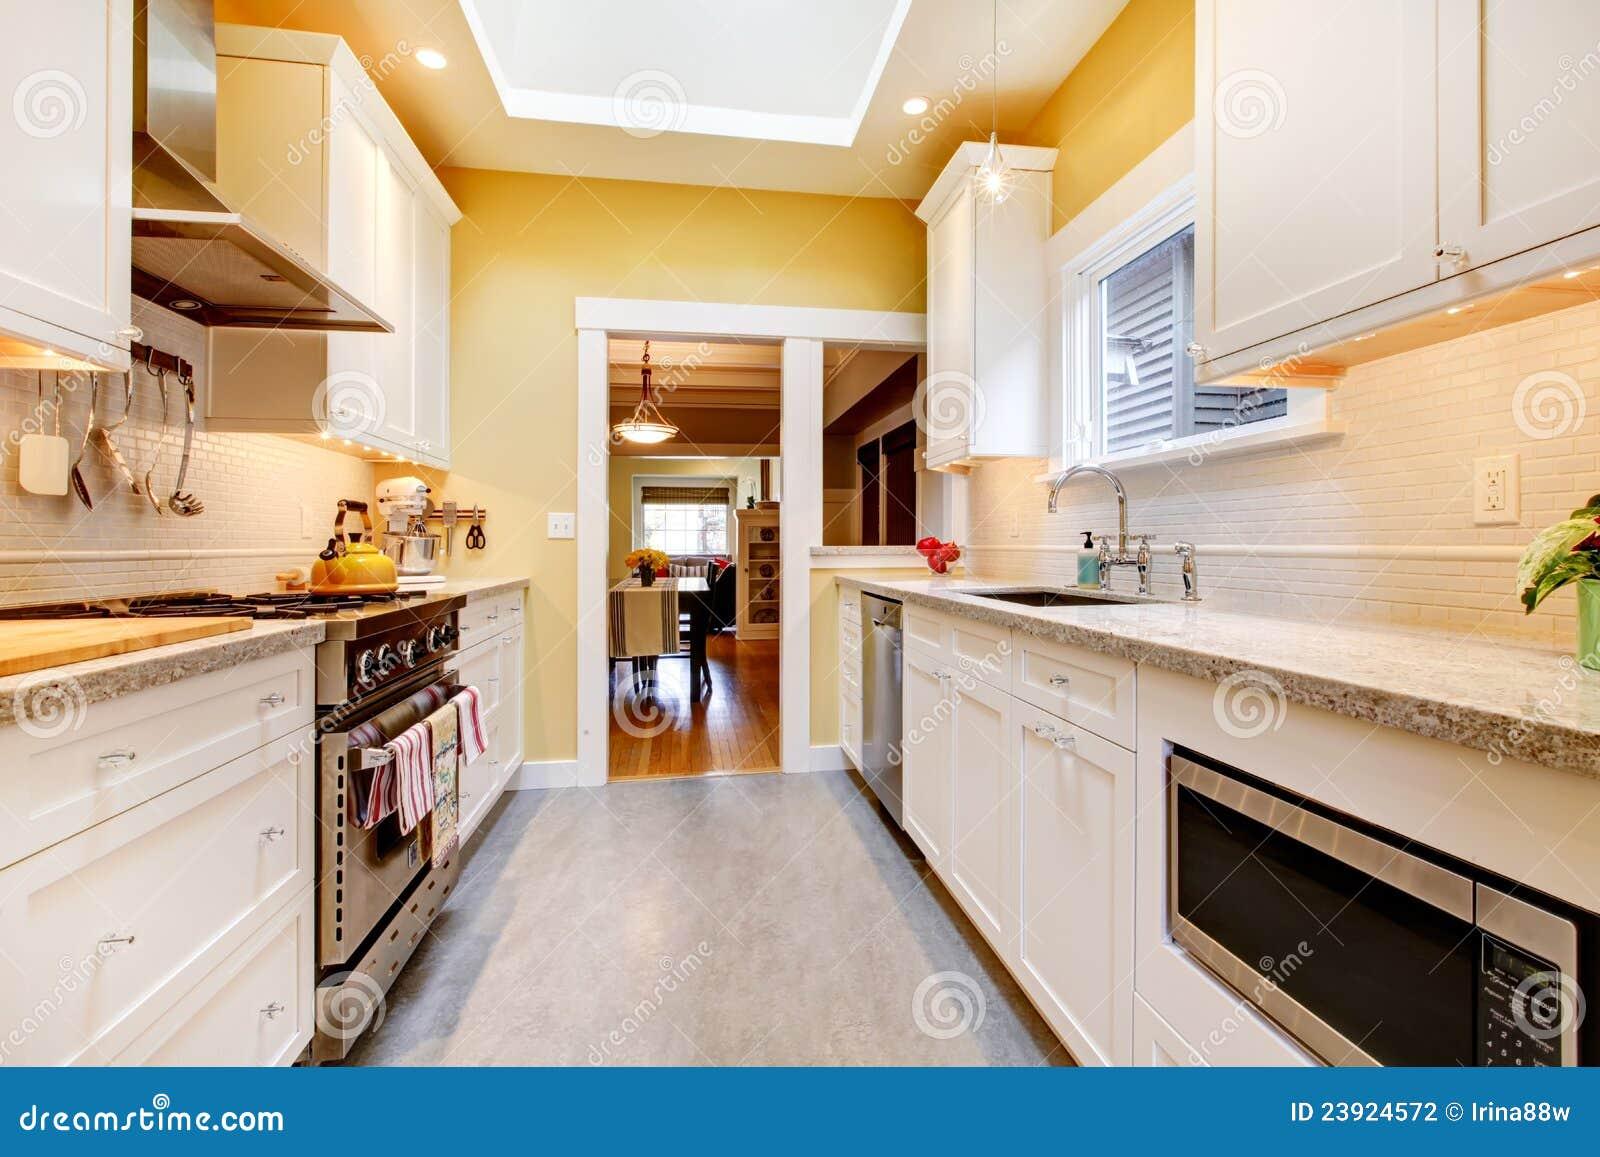 Cuisine Simple Jaune Et Blanche Avec La Lucarne